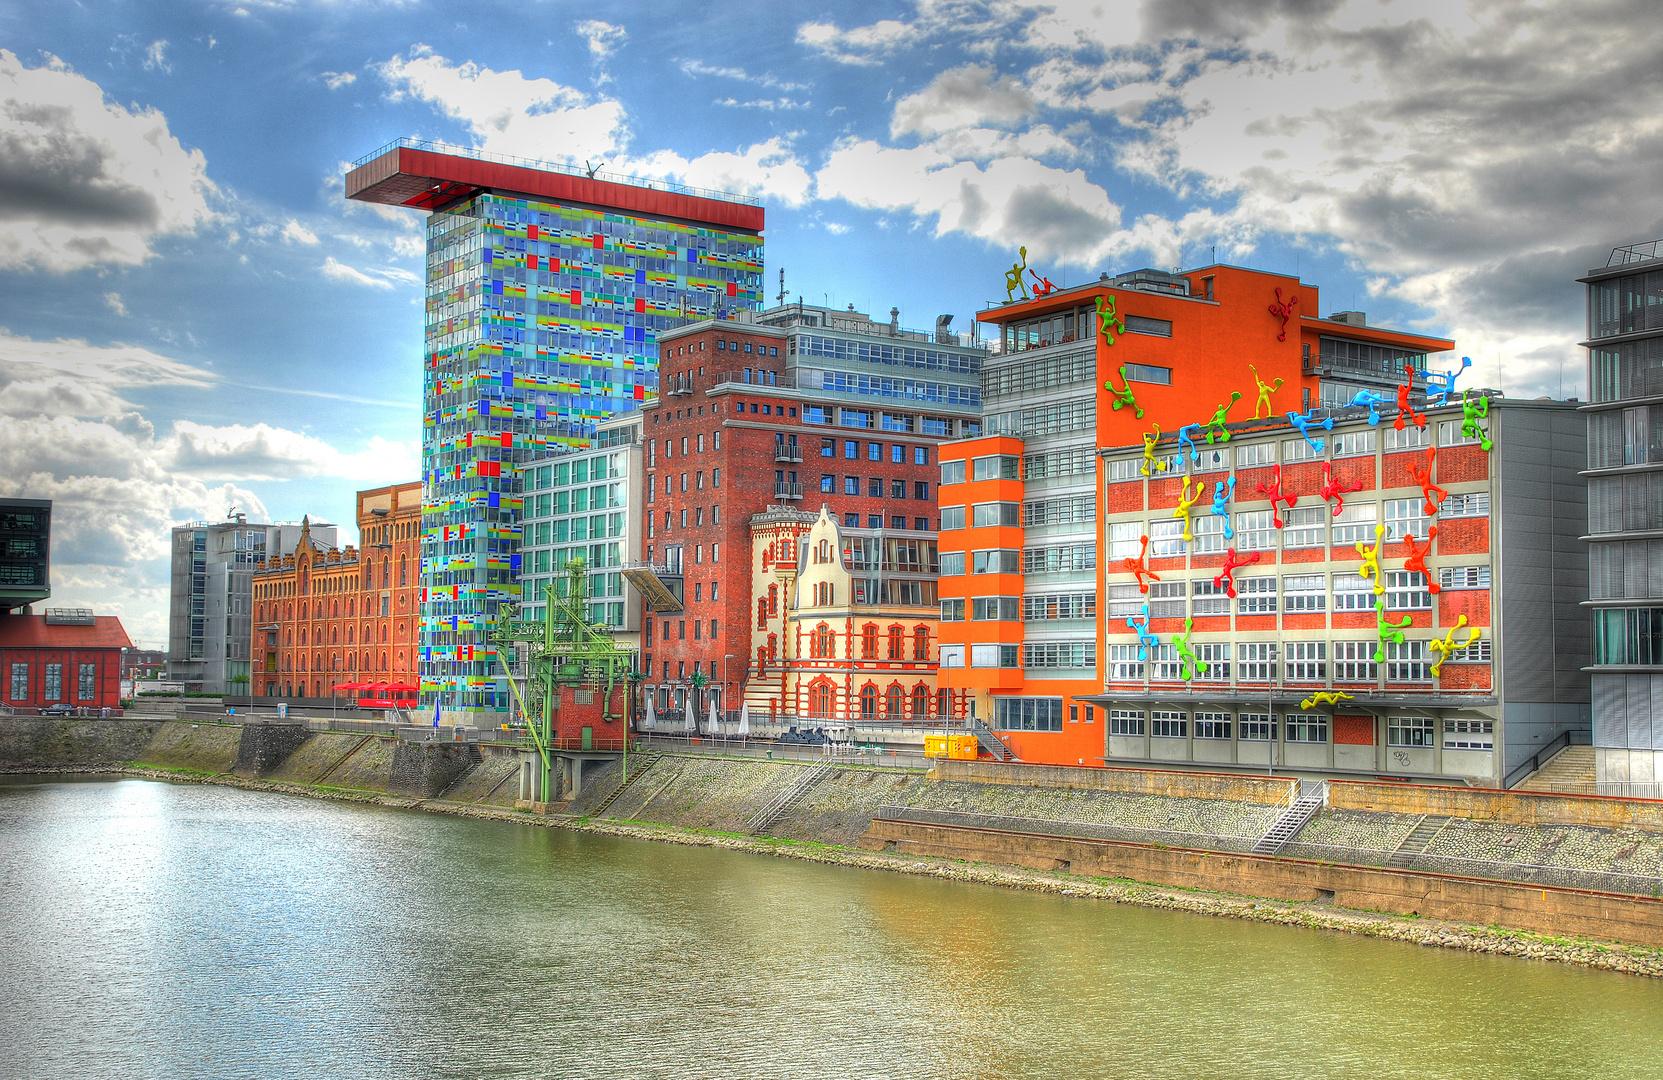 Flossies im duesseldorfer hafen foto bild architektur d sseldorf leinwand bilder auf - Dusseldorf bilder auf leinwand ...